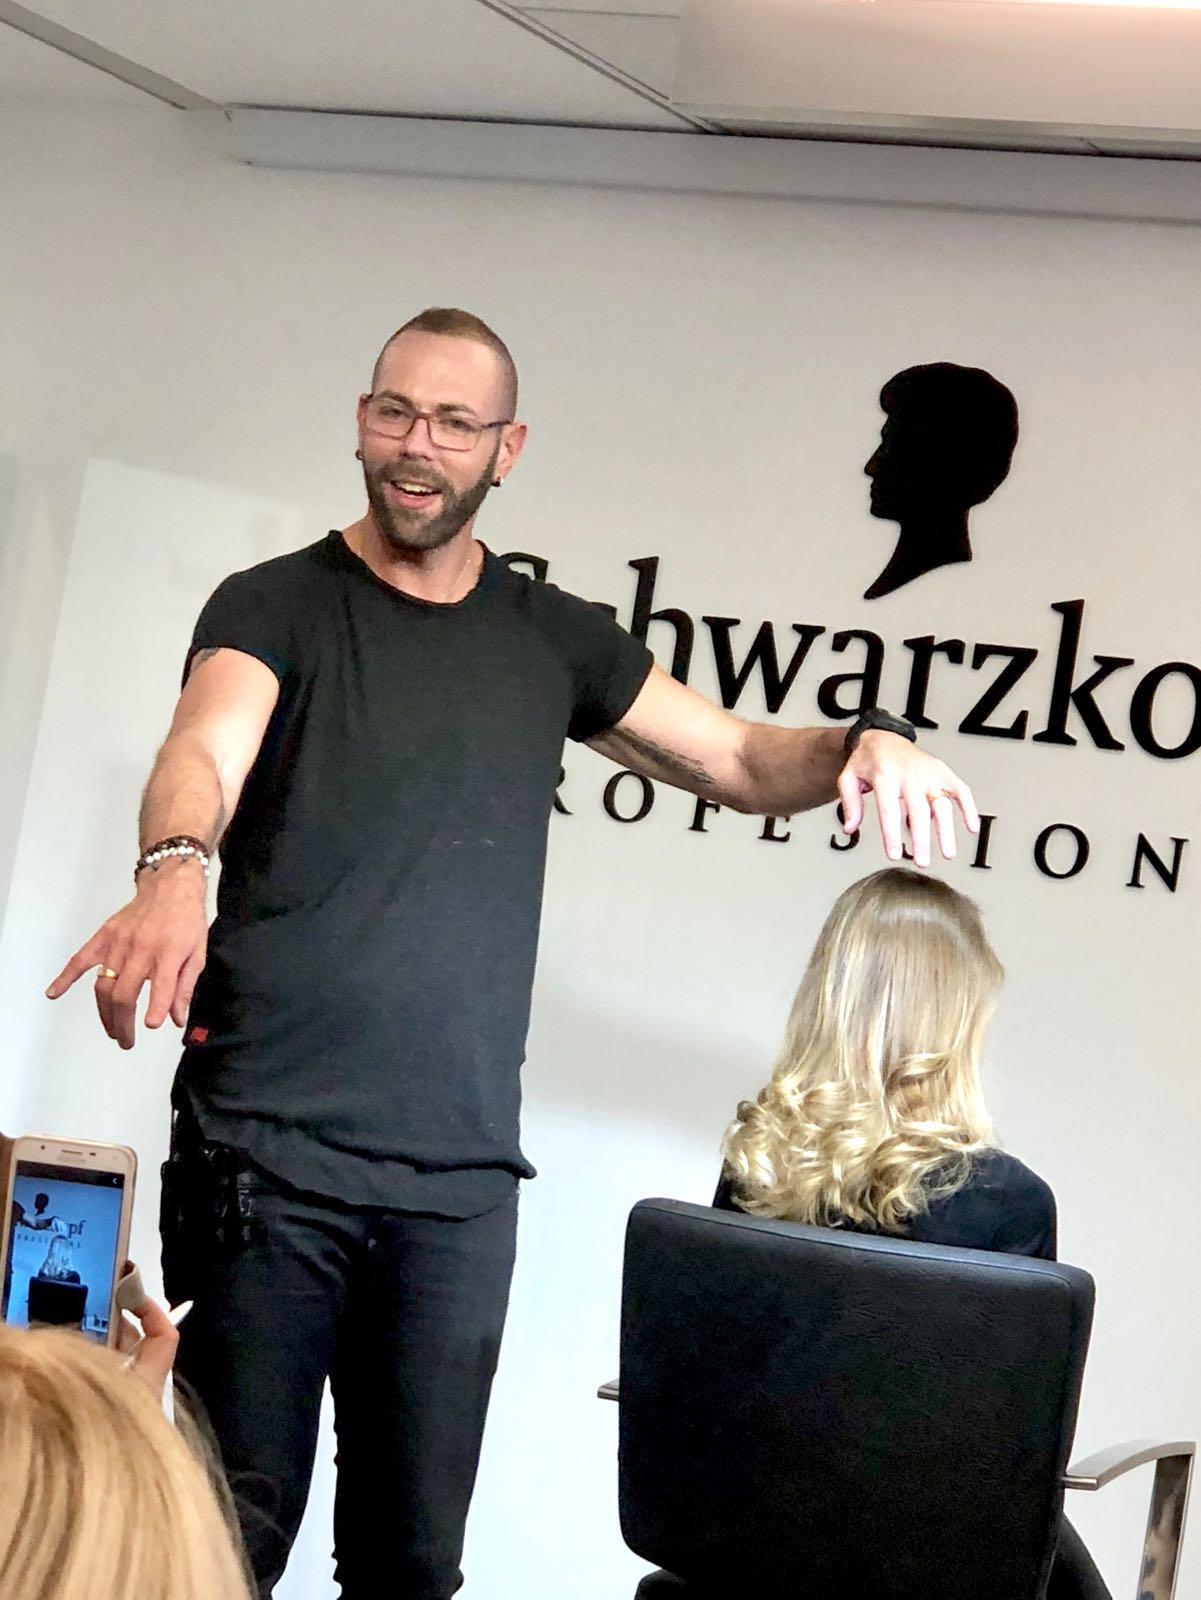 השתלמות בלונד-מי שהועברה על ידי מעצב השיער רפאל טפלוב